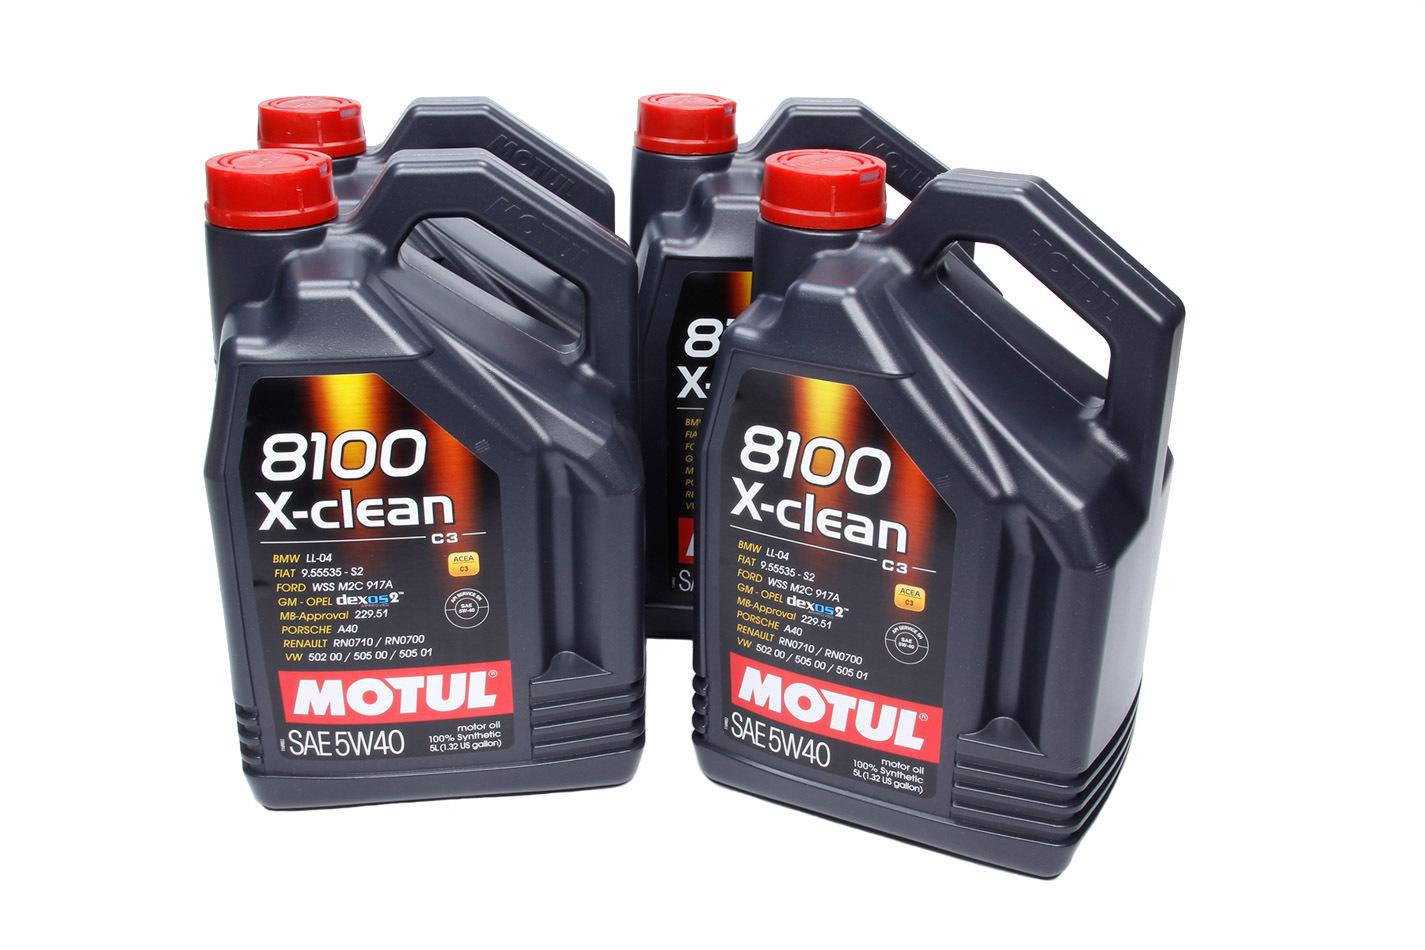 Motul 102051-4 Motor Oil, 8100 X-Clean, 5W40, Synthetic, 5 L Jug, Set of 4